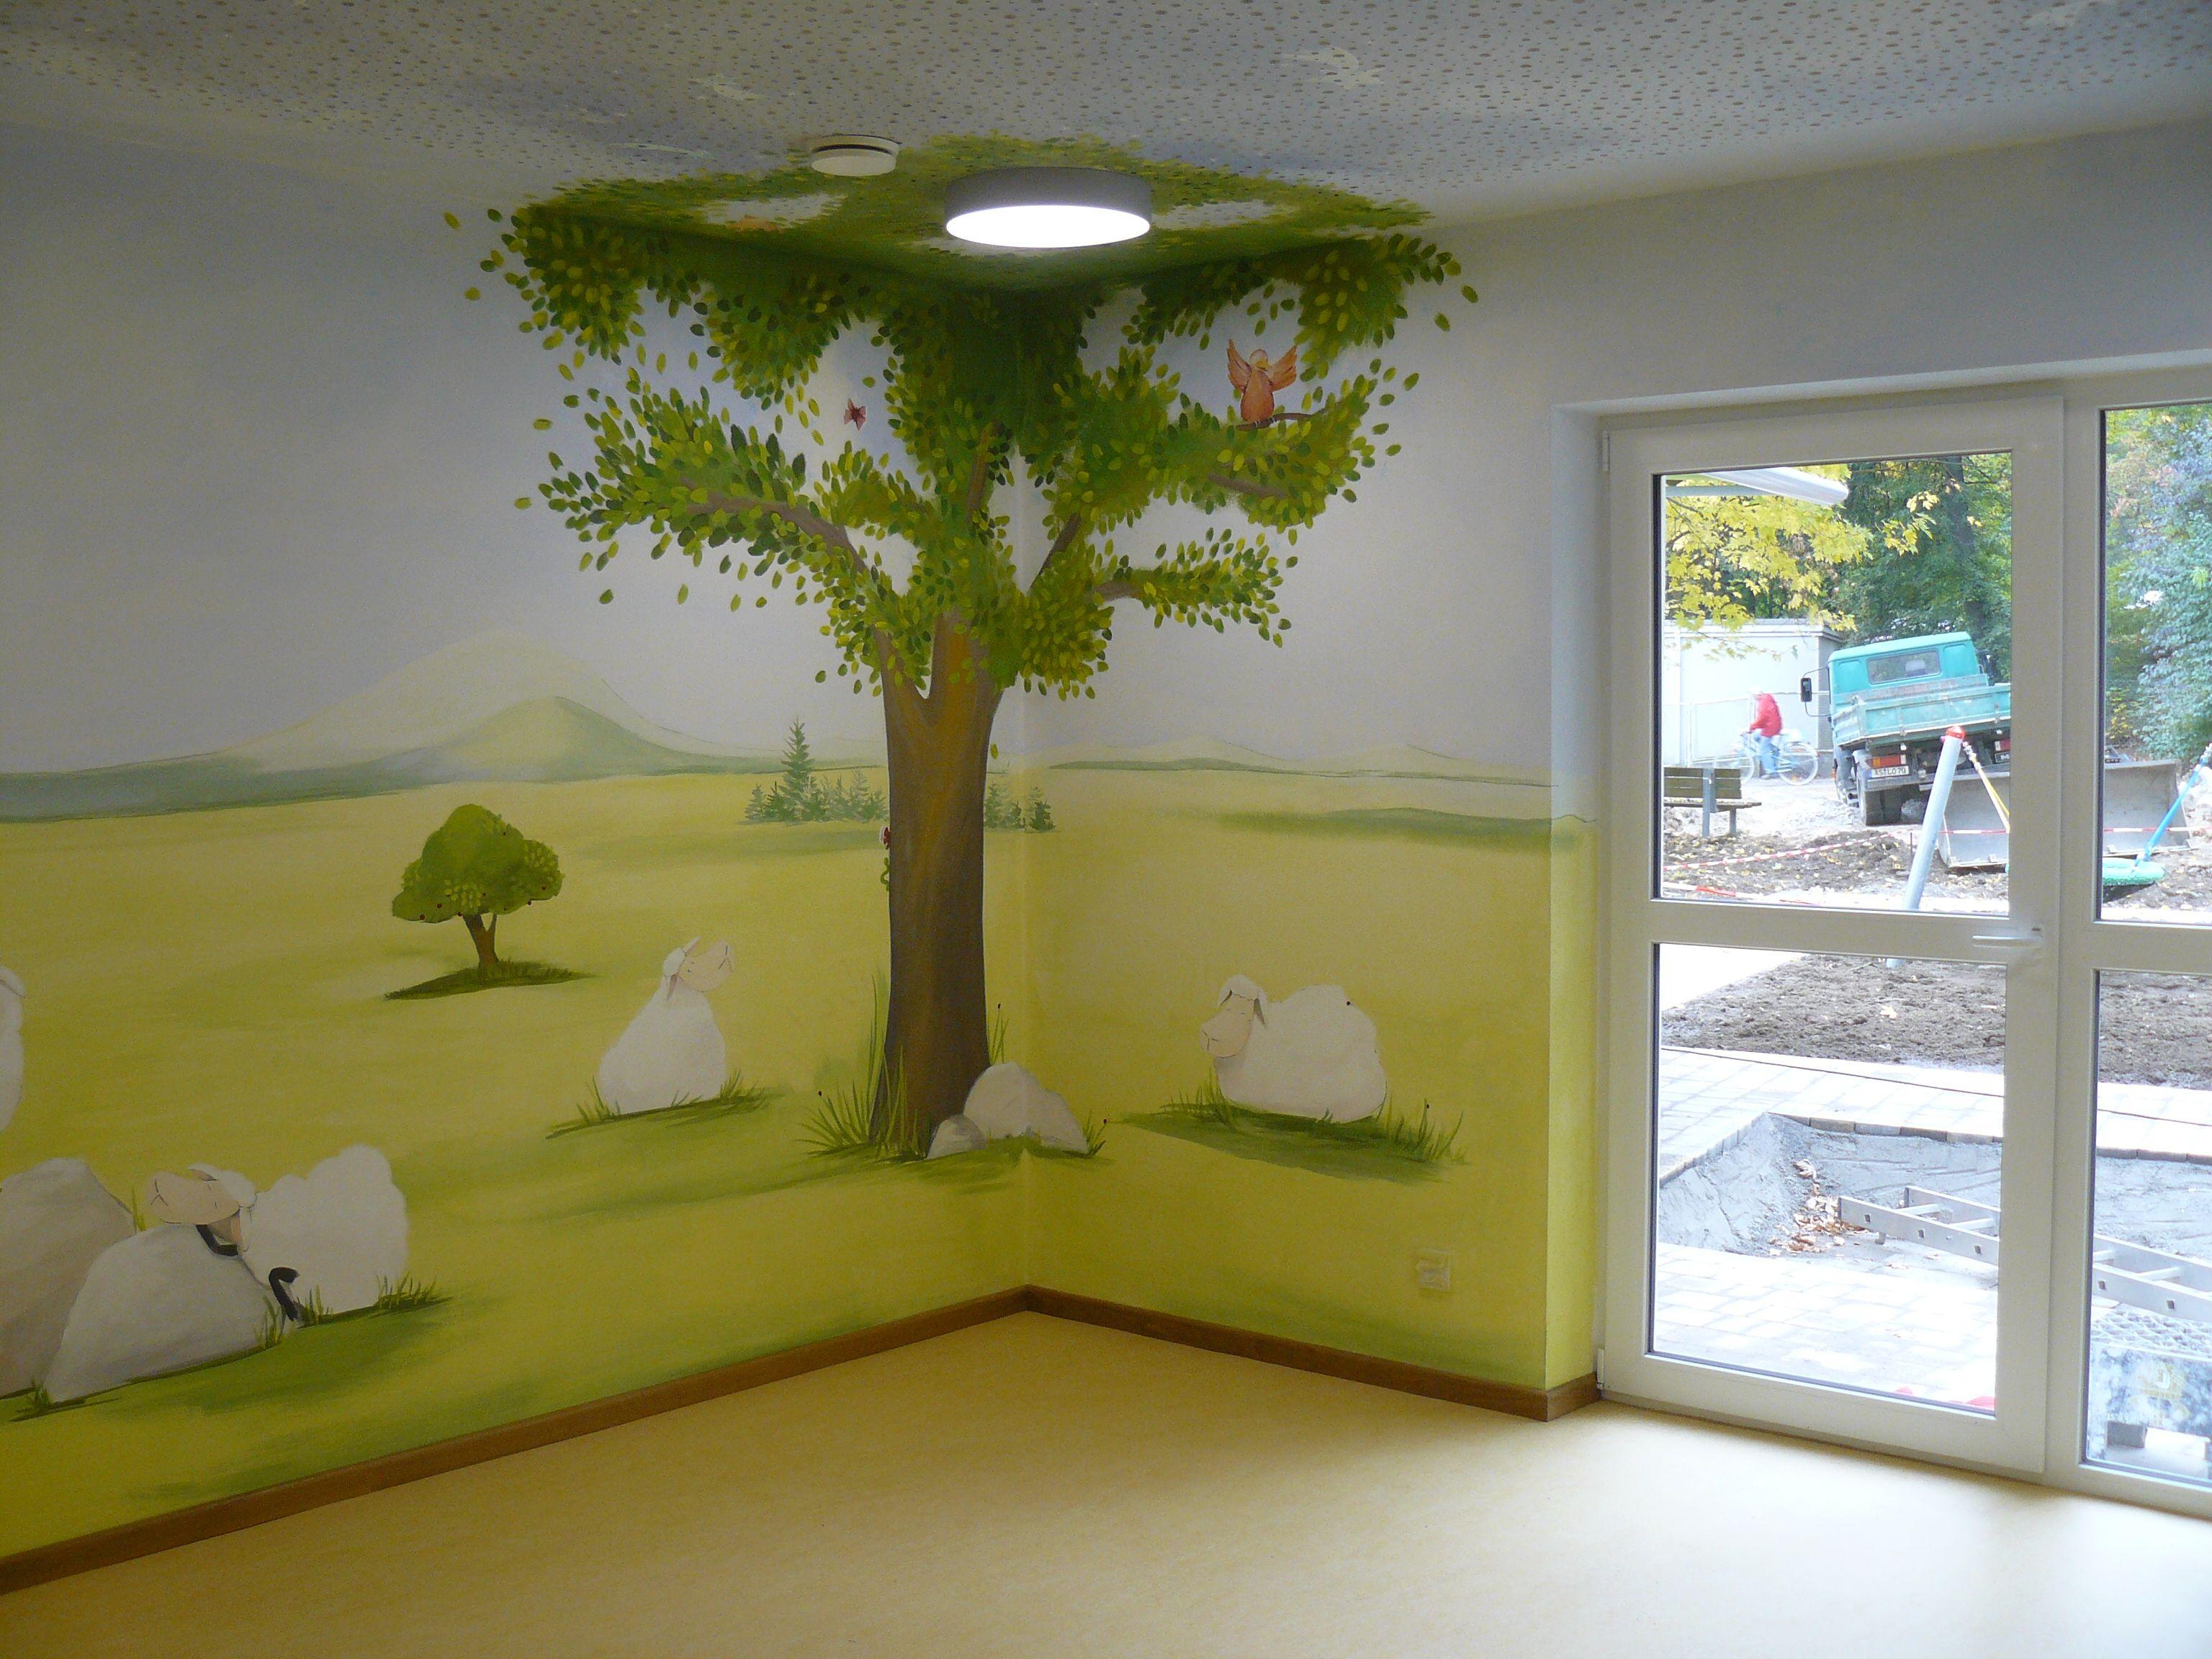 Carola Sommer❤Malerei Wände Kinderzimmer Schafe Bäume Kindergarten ...